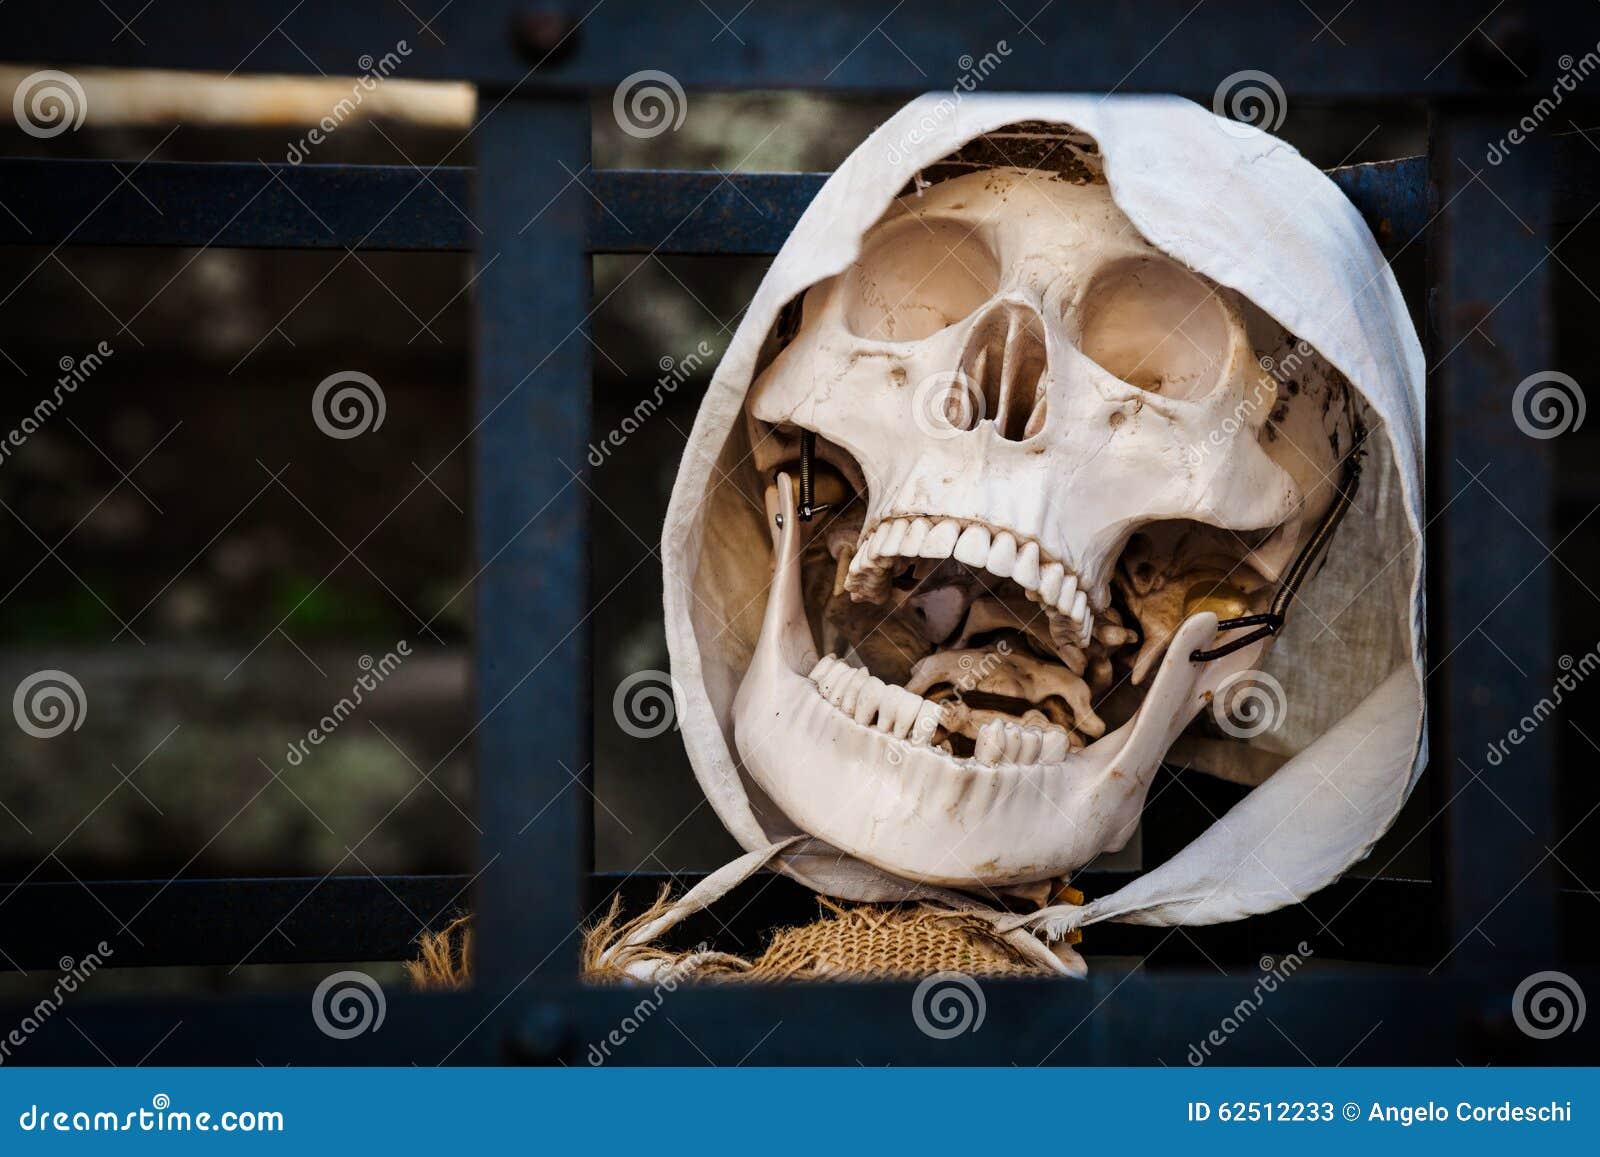 Death. Skeleton prisoner dead.